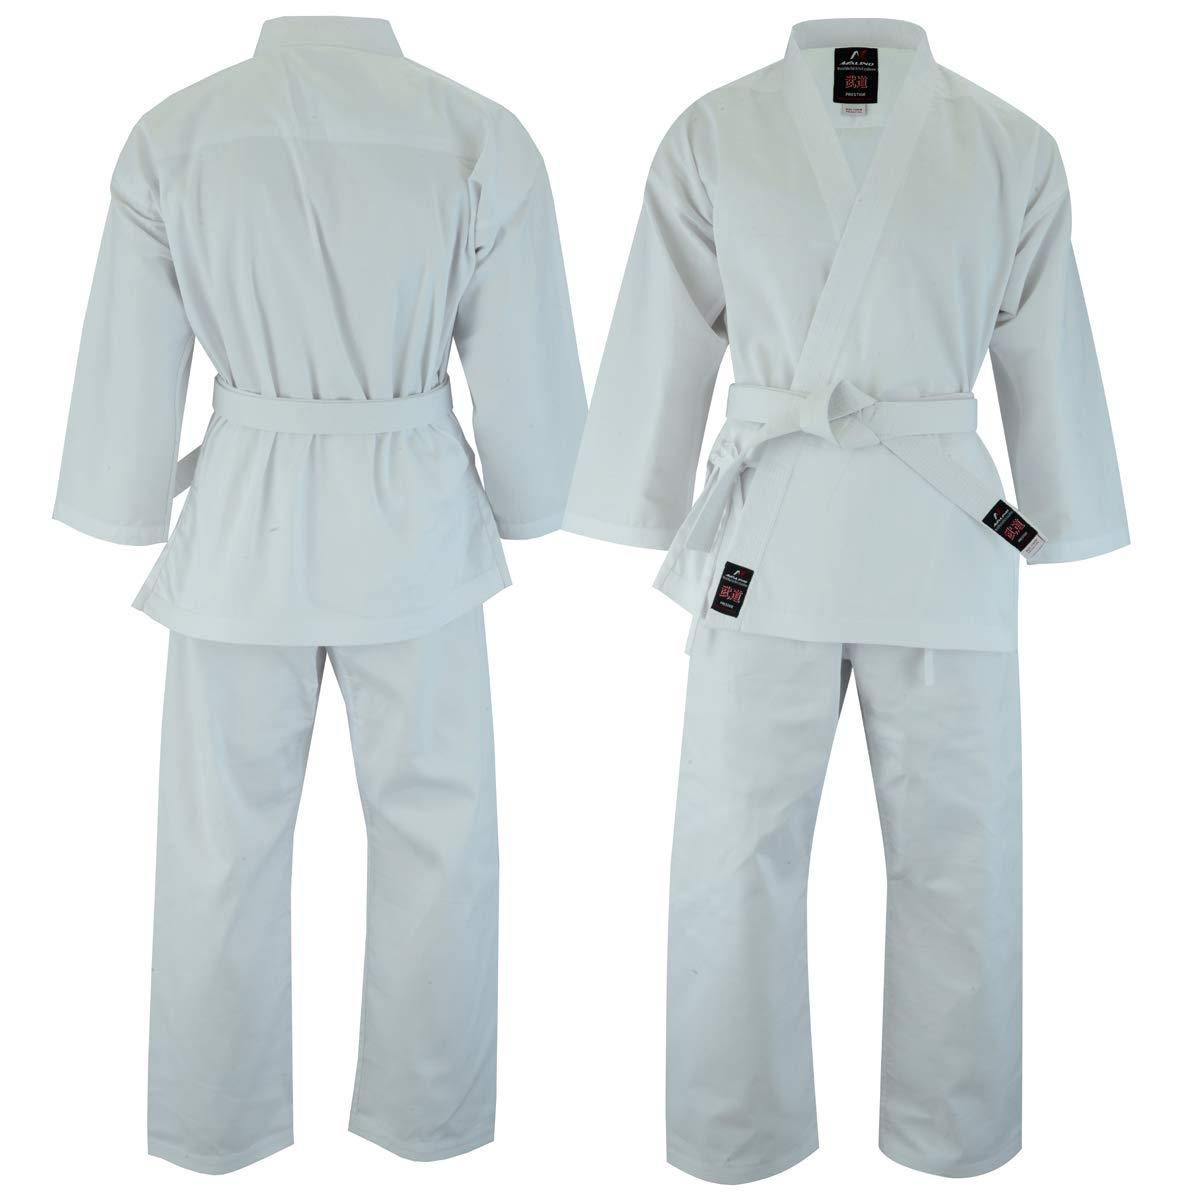 Malino Uniforme de Estudiante de Karate Blanco para los ...